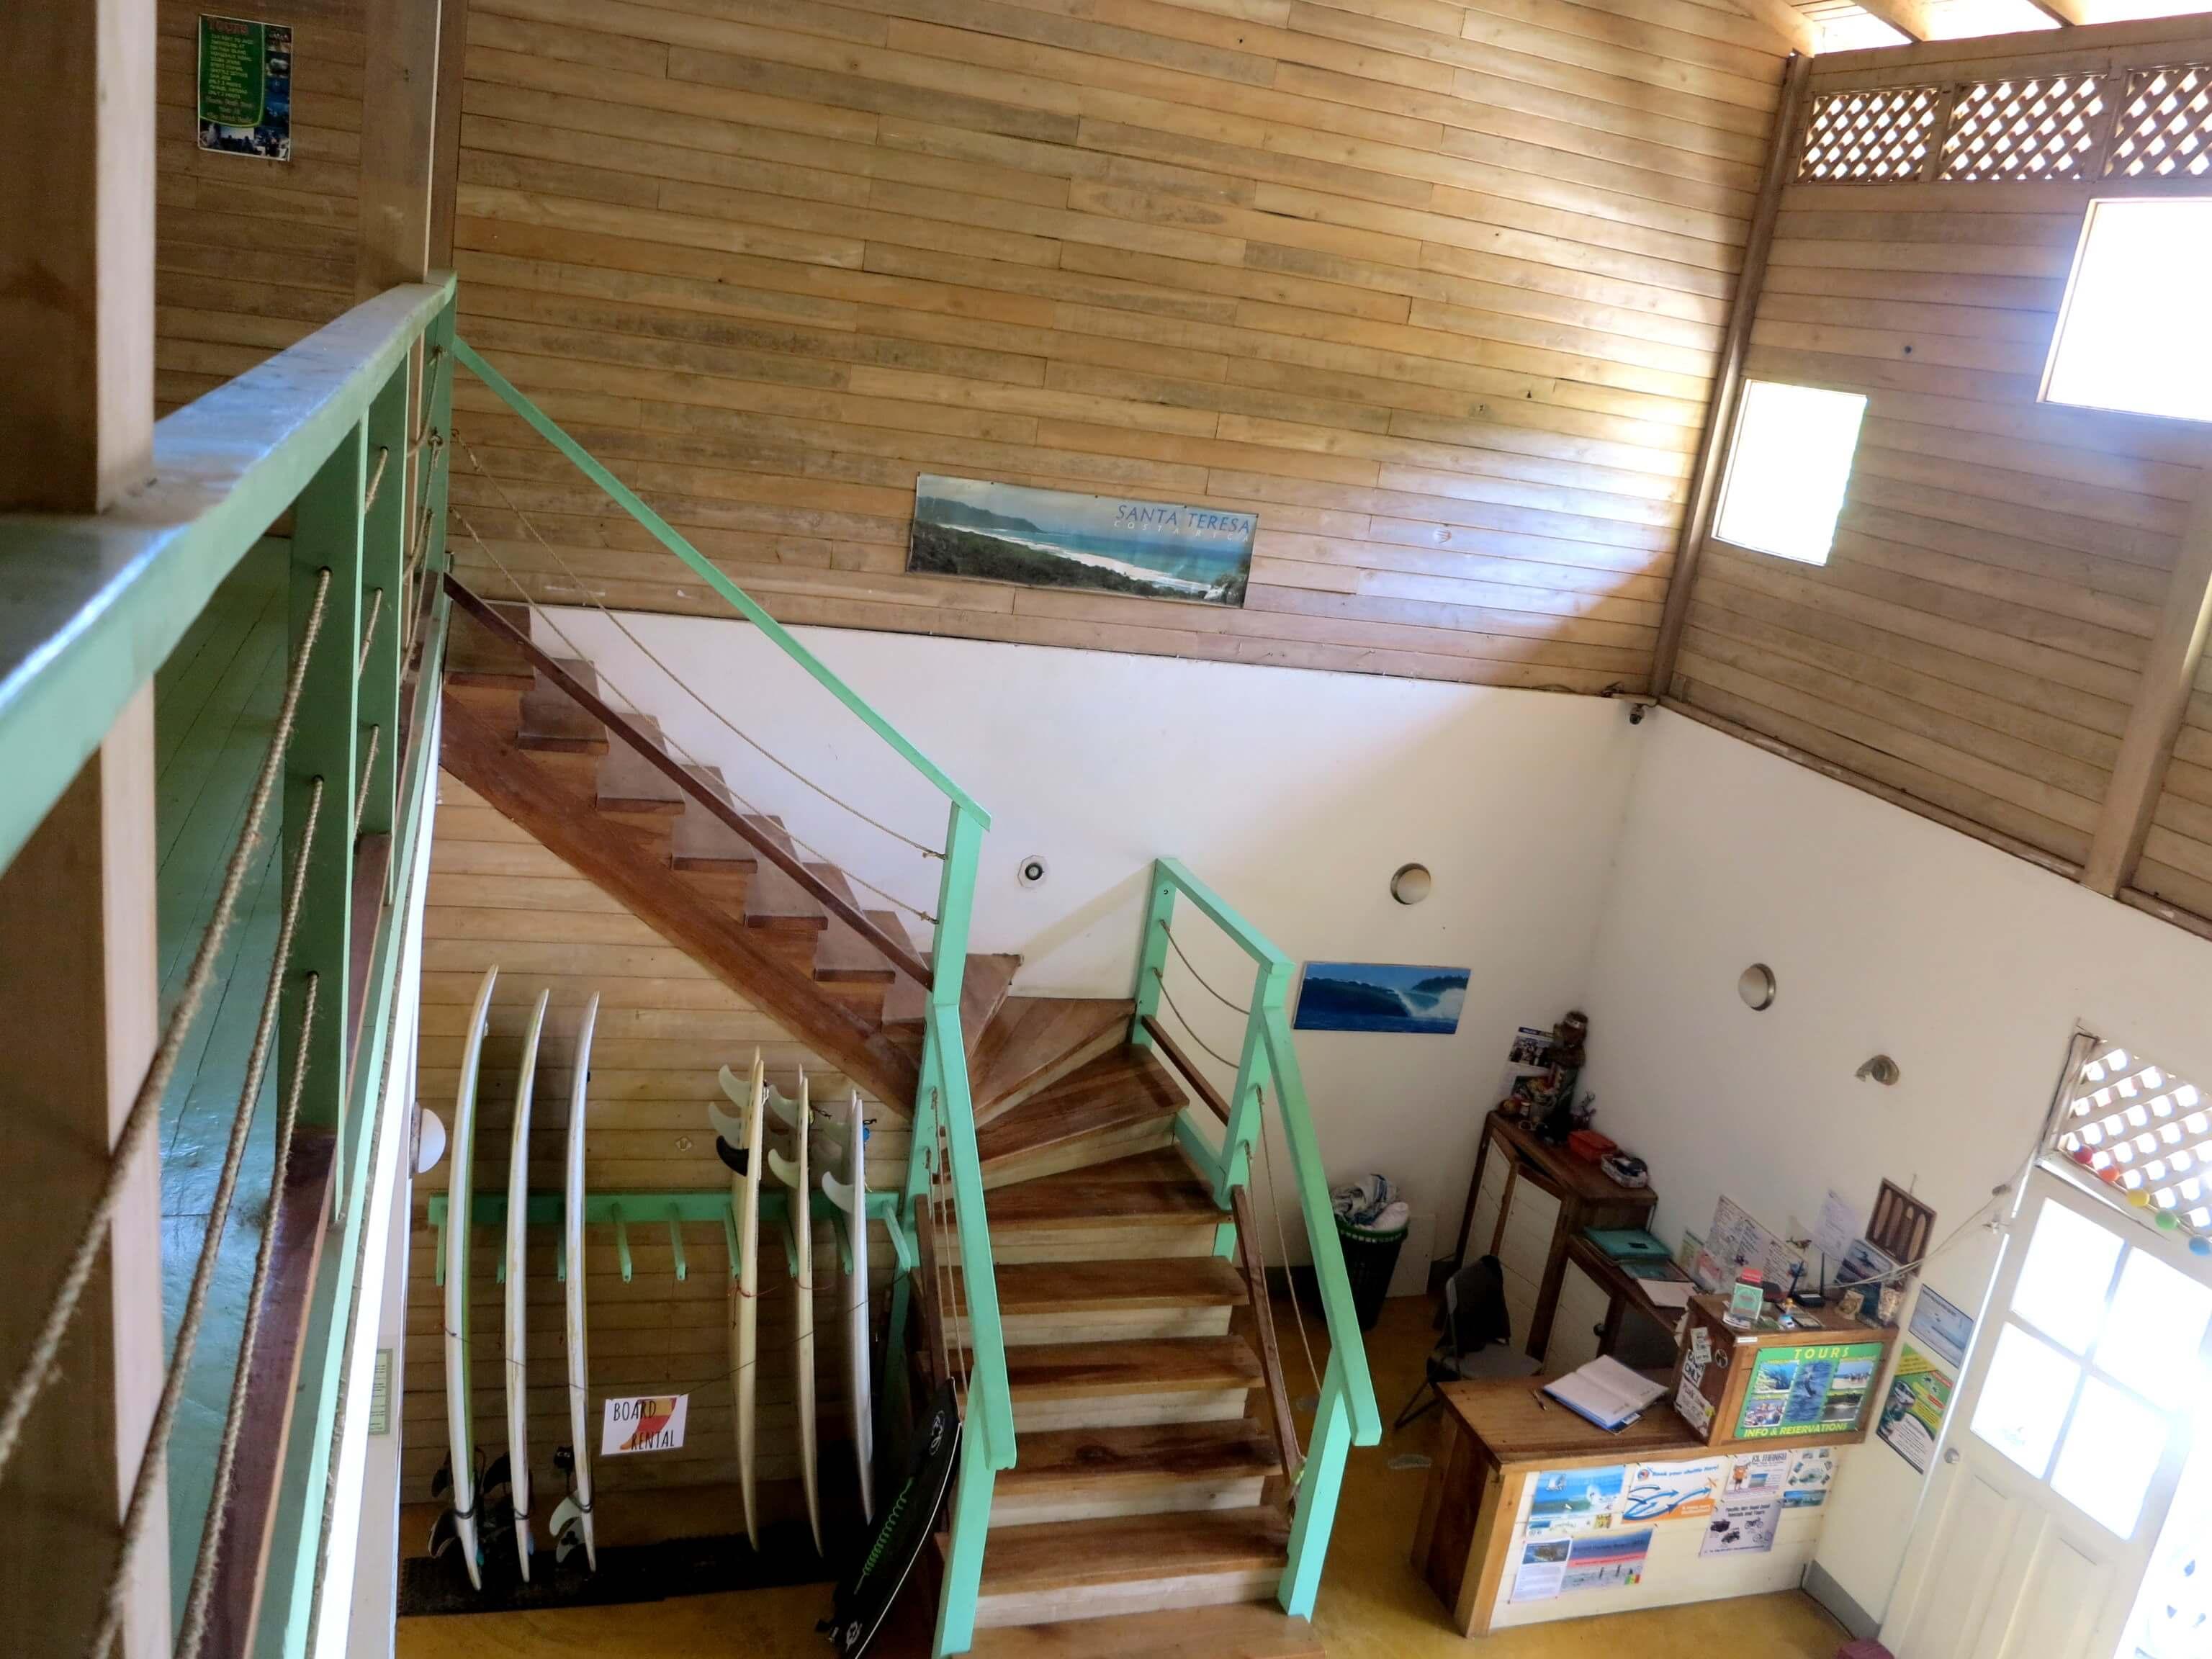 Hostel Wavetrotters sorgt dank viel verarbeitetem Holz für einen ganz besonderen natürlichen Charme